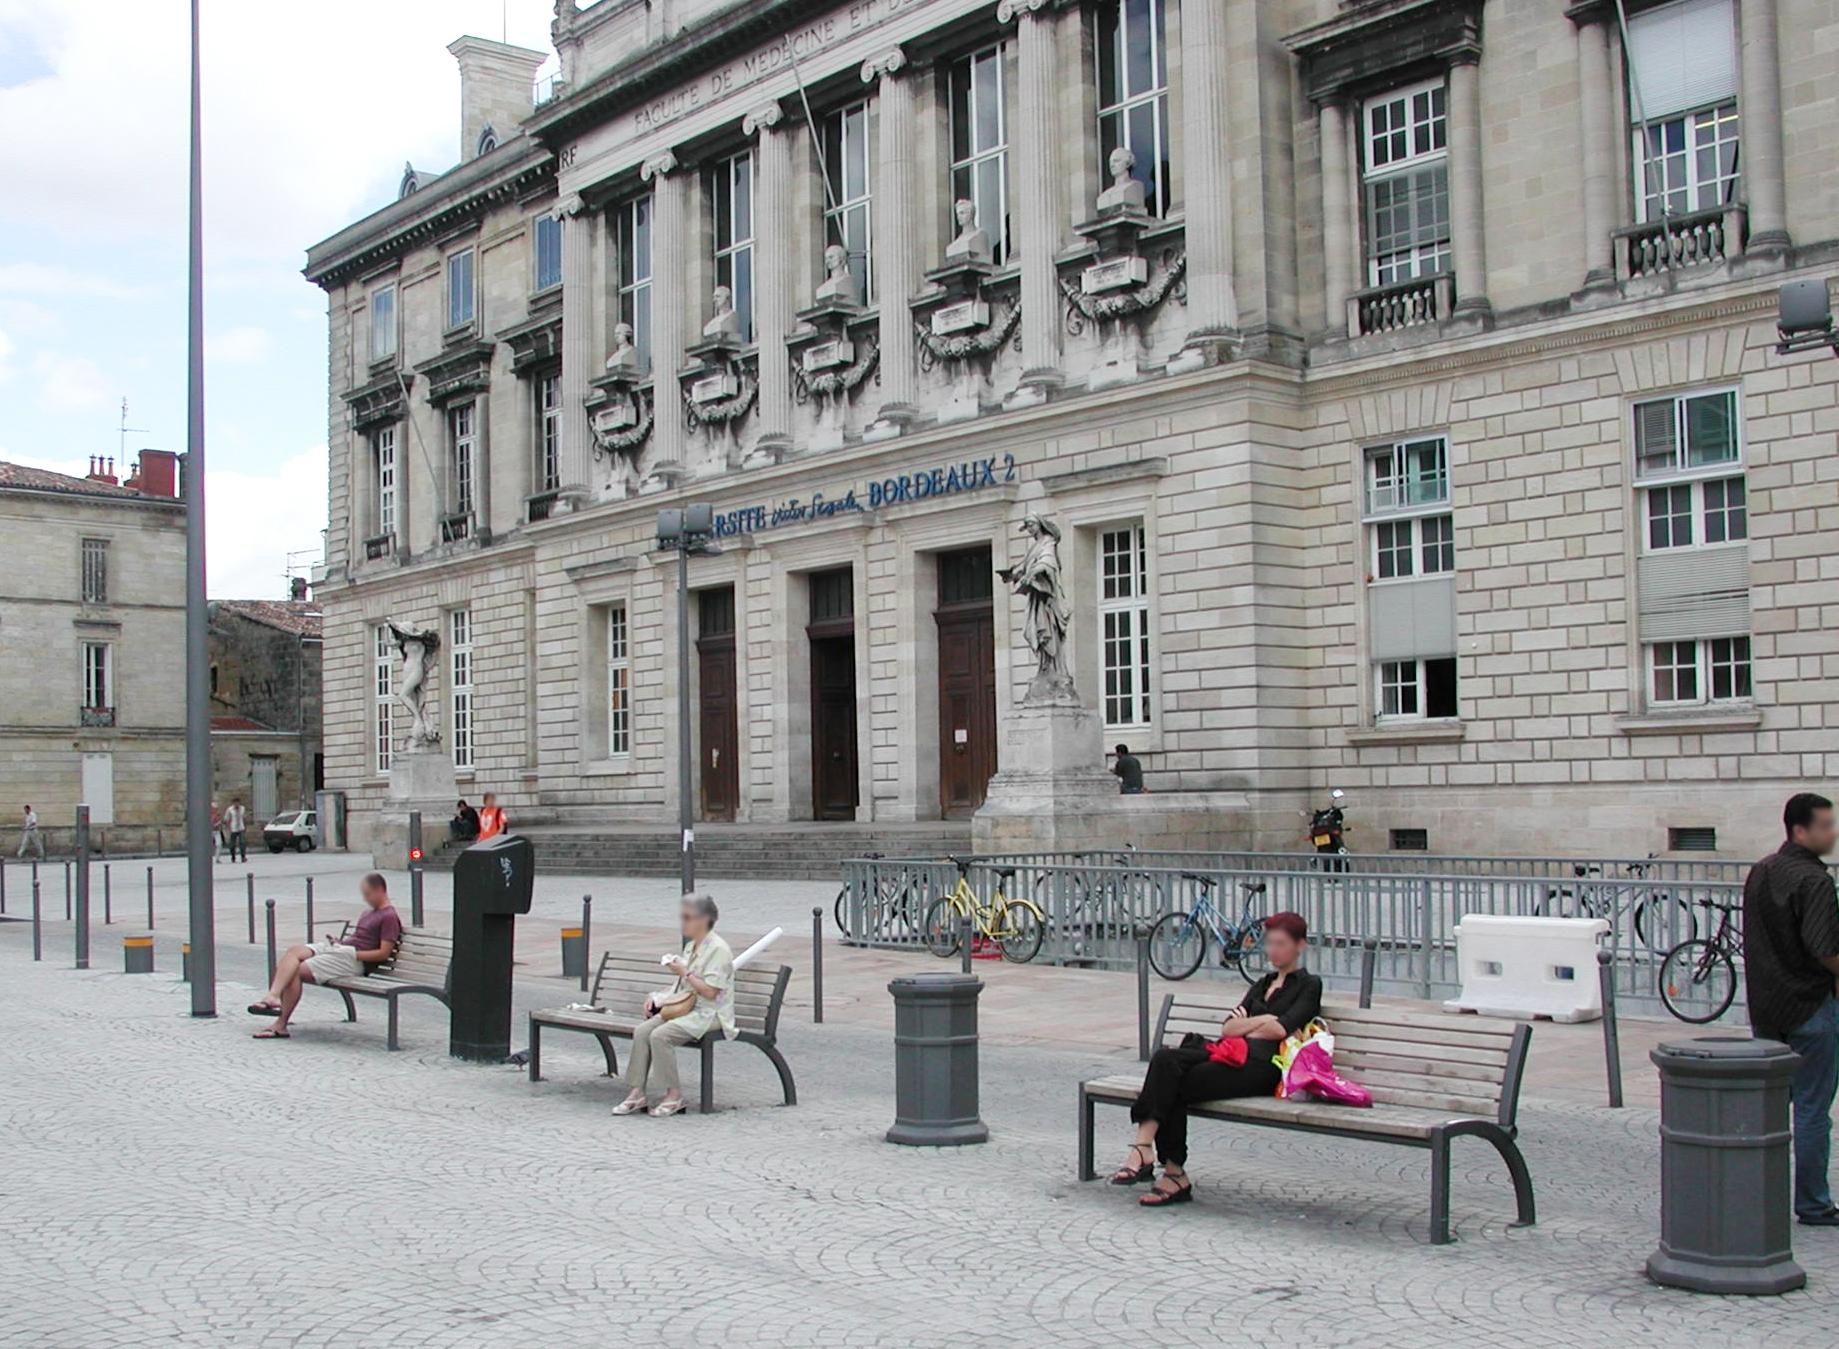 Proville mobilier urbain Place de la Victoire BORDEAUX